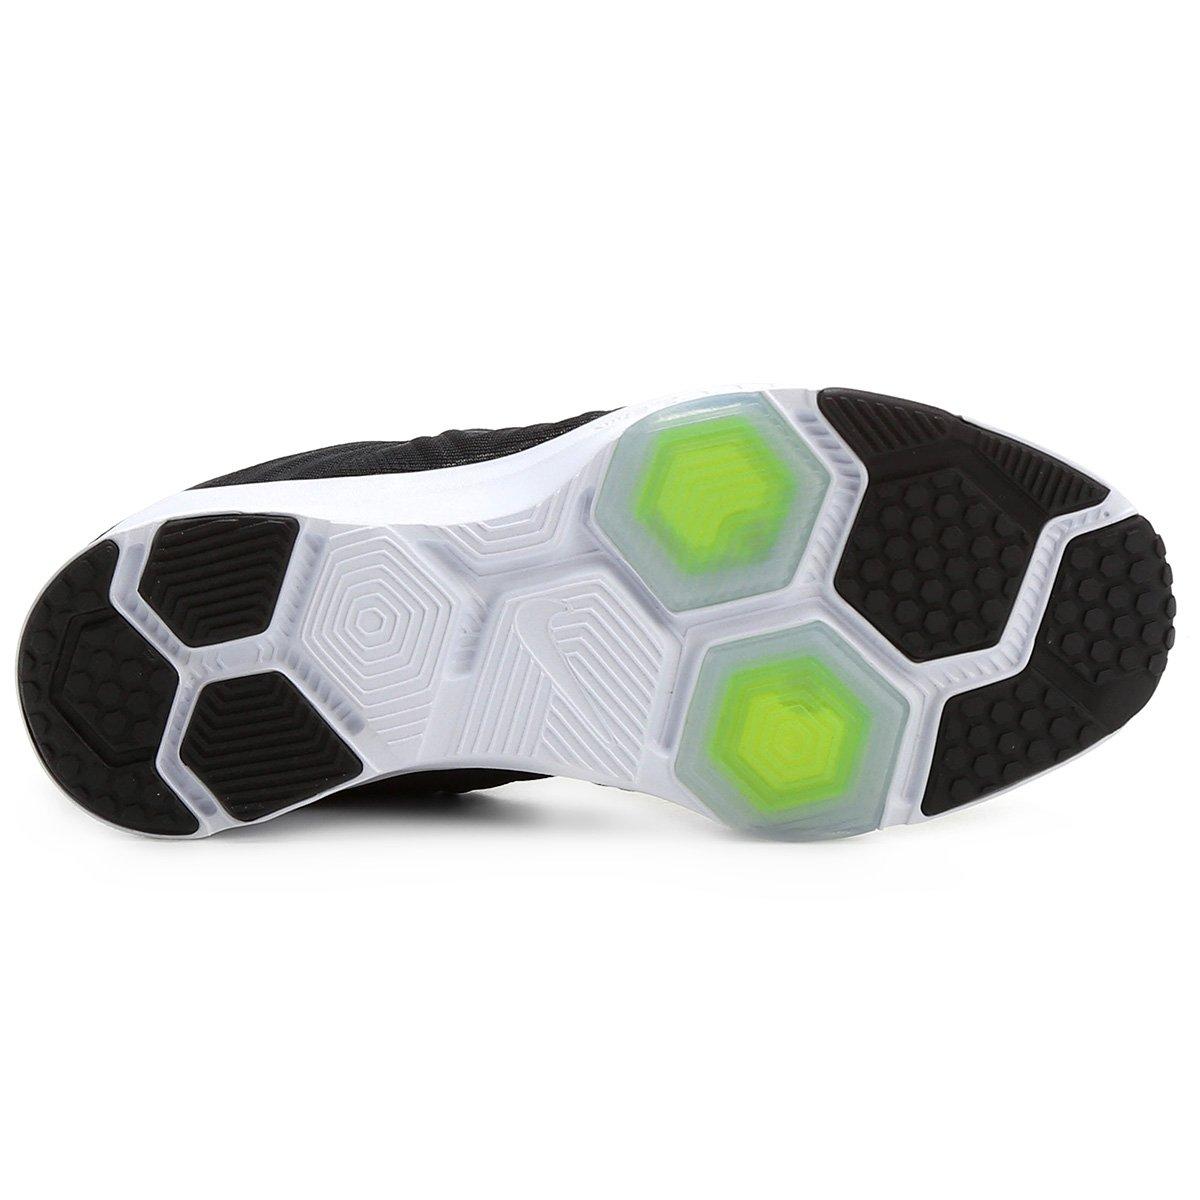 e Preto Zoom Nike Tênis Feminino Condition Branco Tênis TR Nike TU8x0qg0